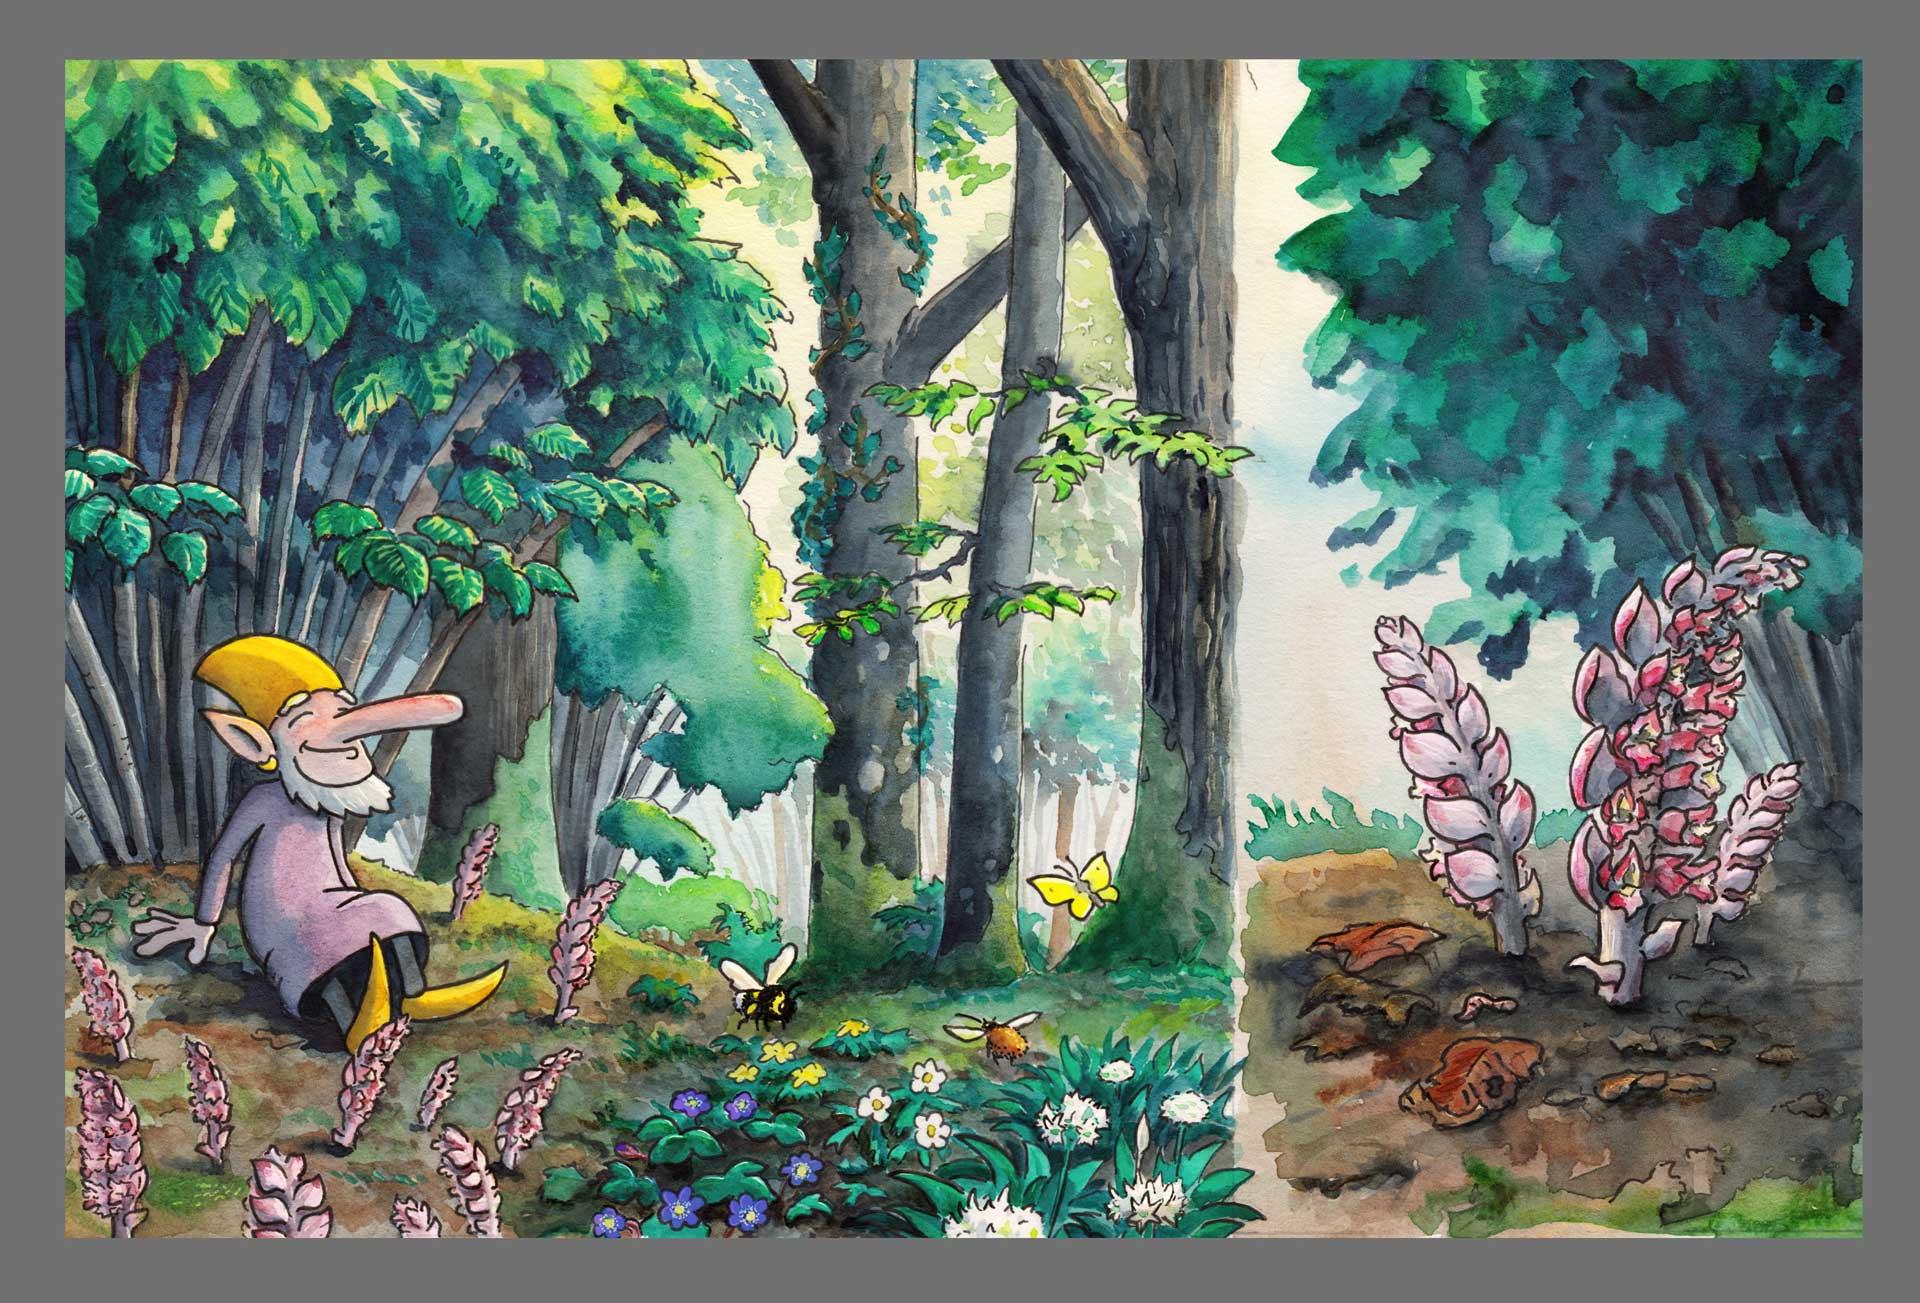 En nöjd vätte sitter tillbakalutad vid en hassel omgiven av vätterosor, blåsippor och ramslök. Illustration Erik Kohlström